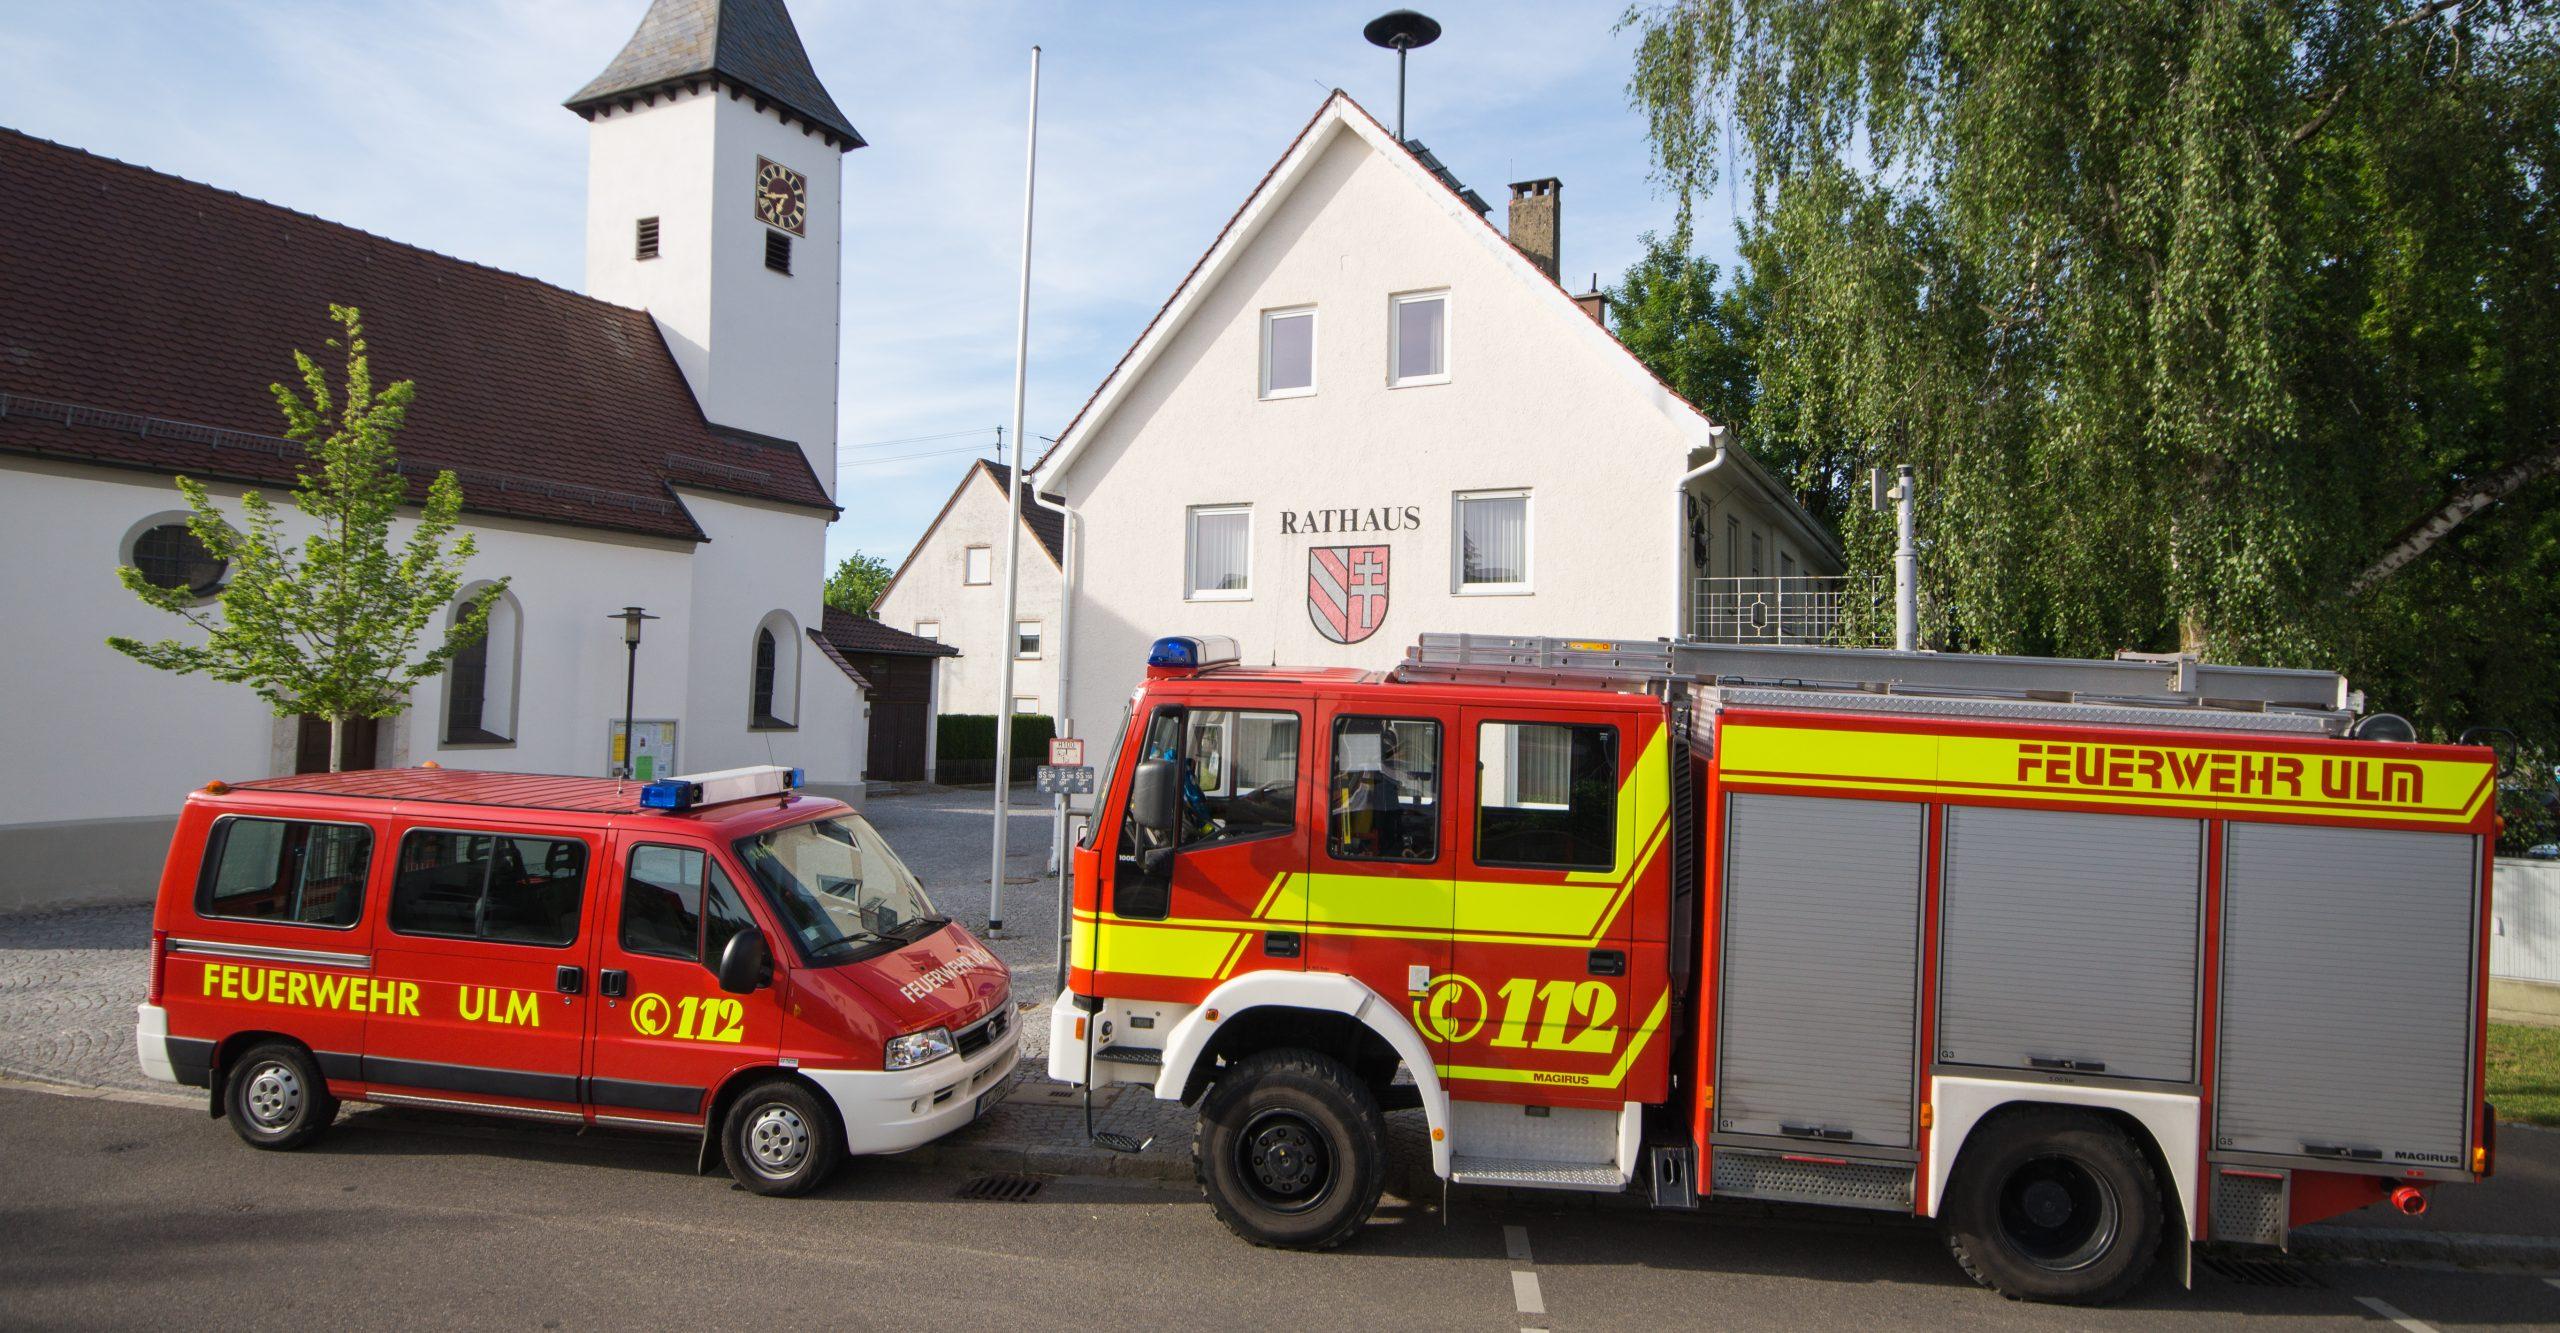 Feuerwehr Ulm - Abteilung Unterweiler